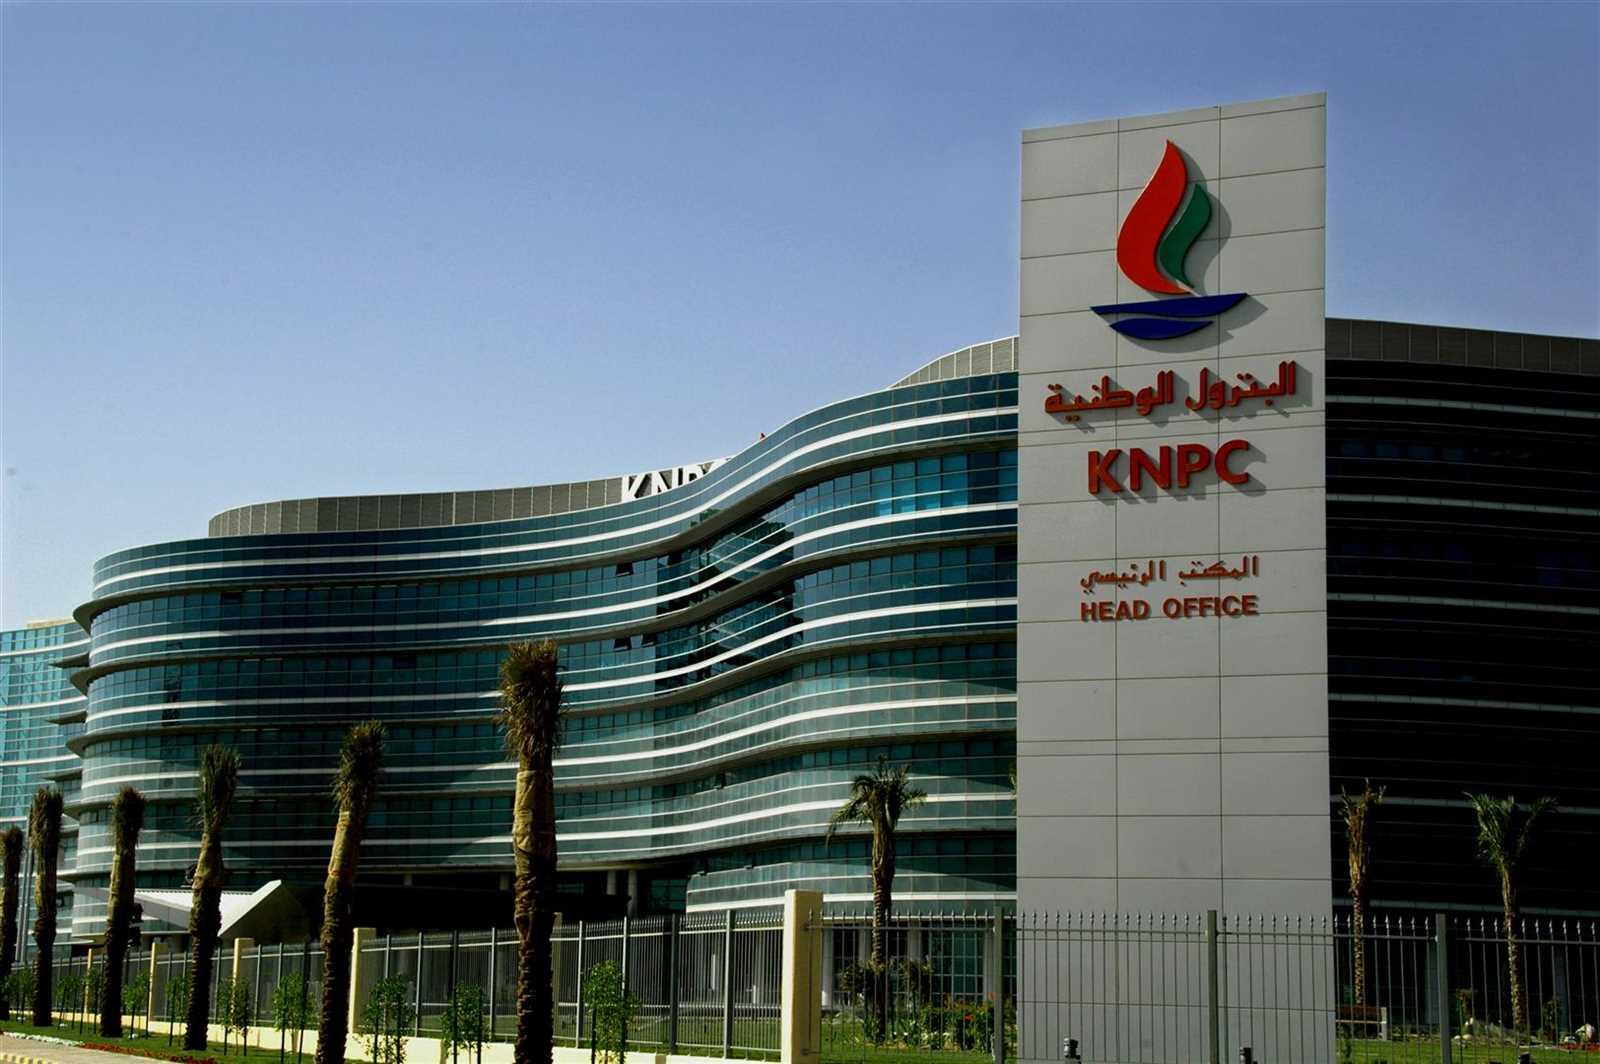 مقر مؤسسة البترول الوطنية الكويتية